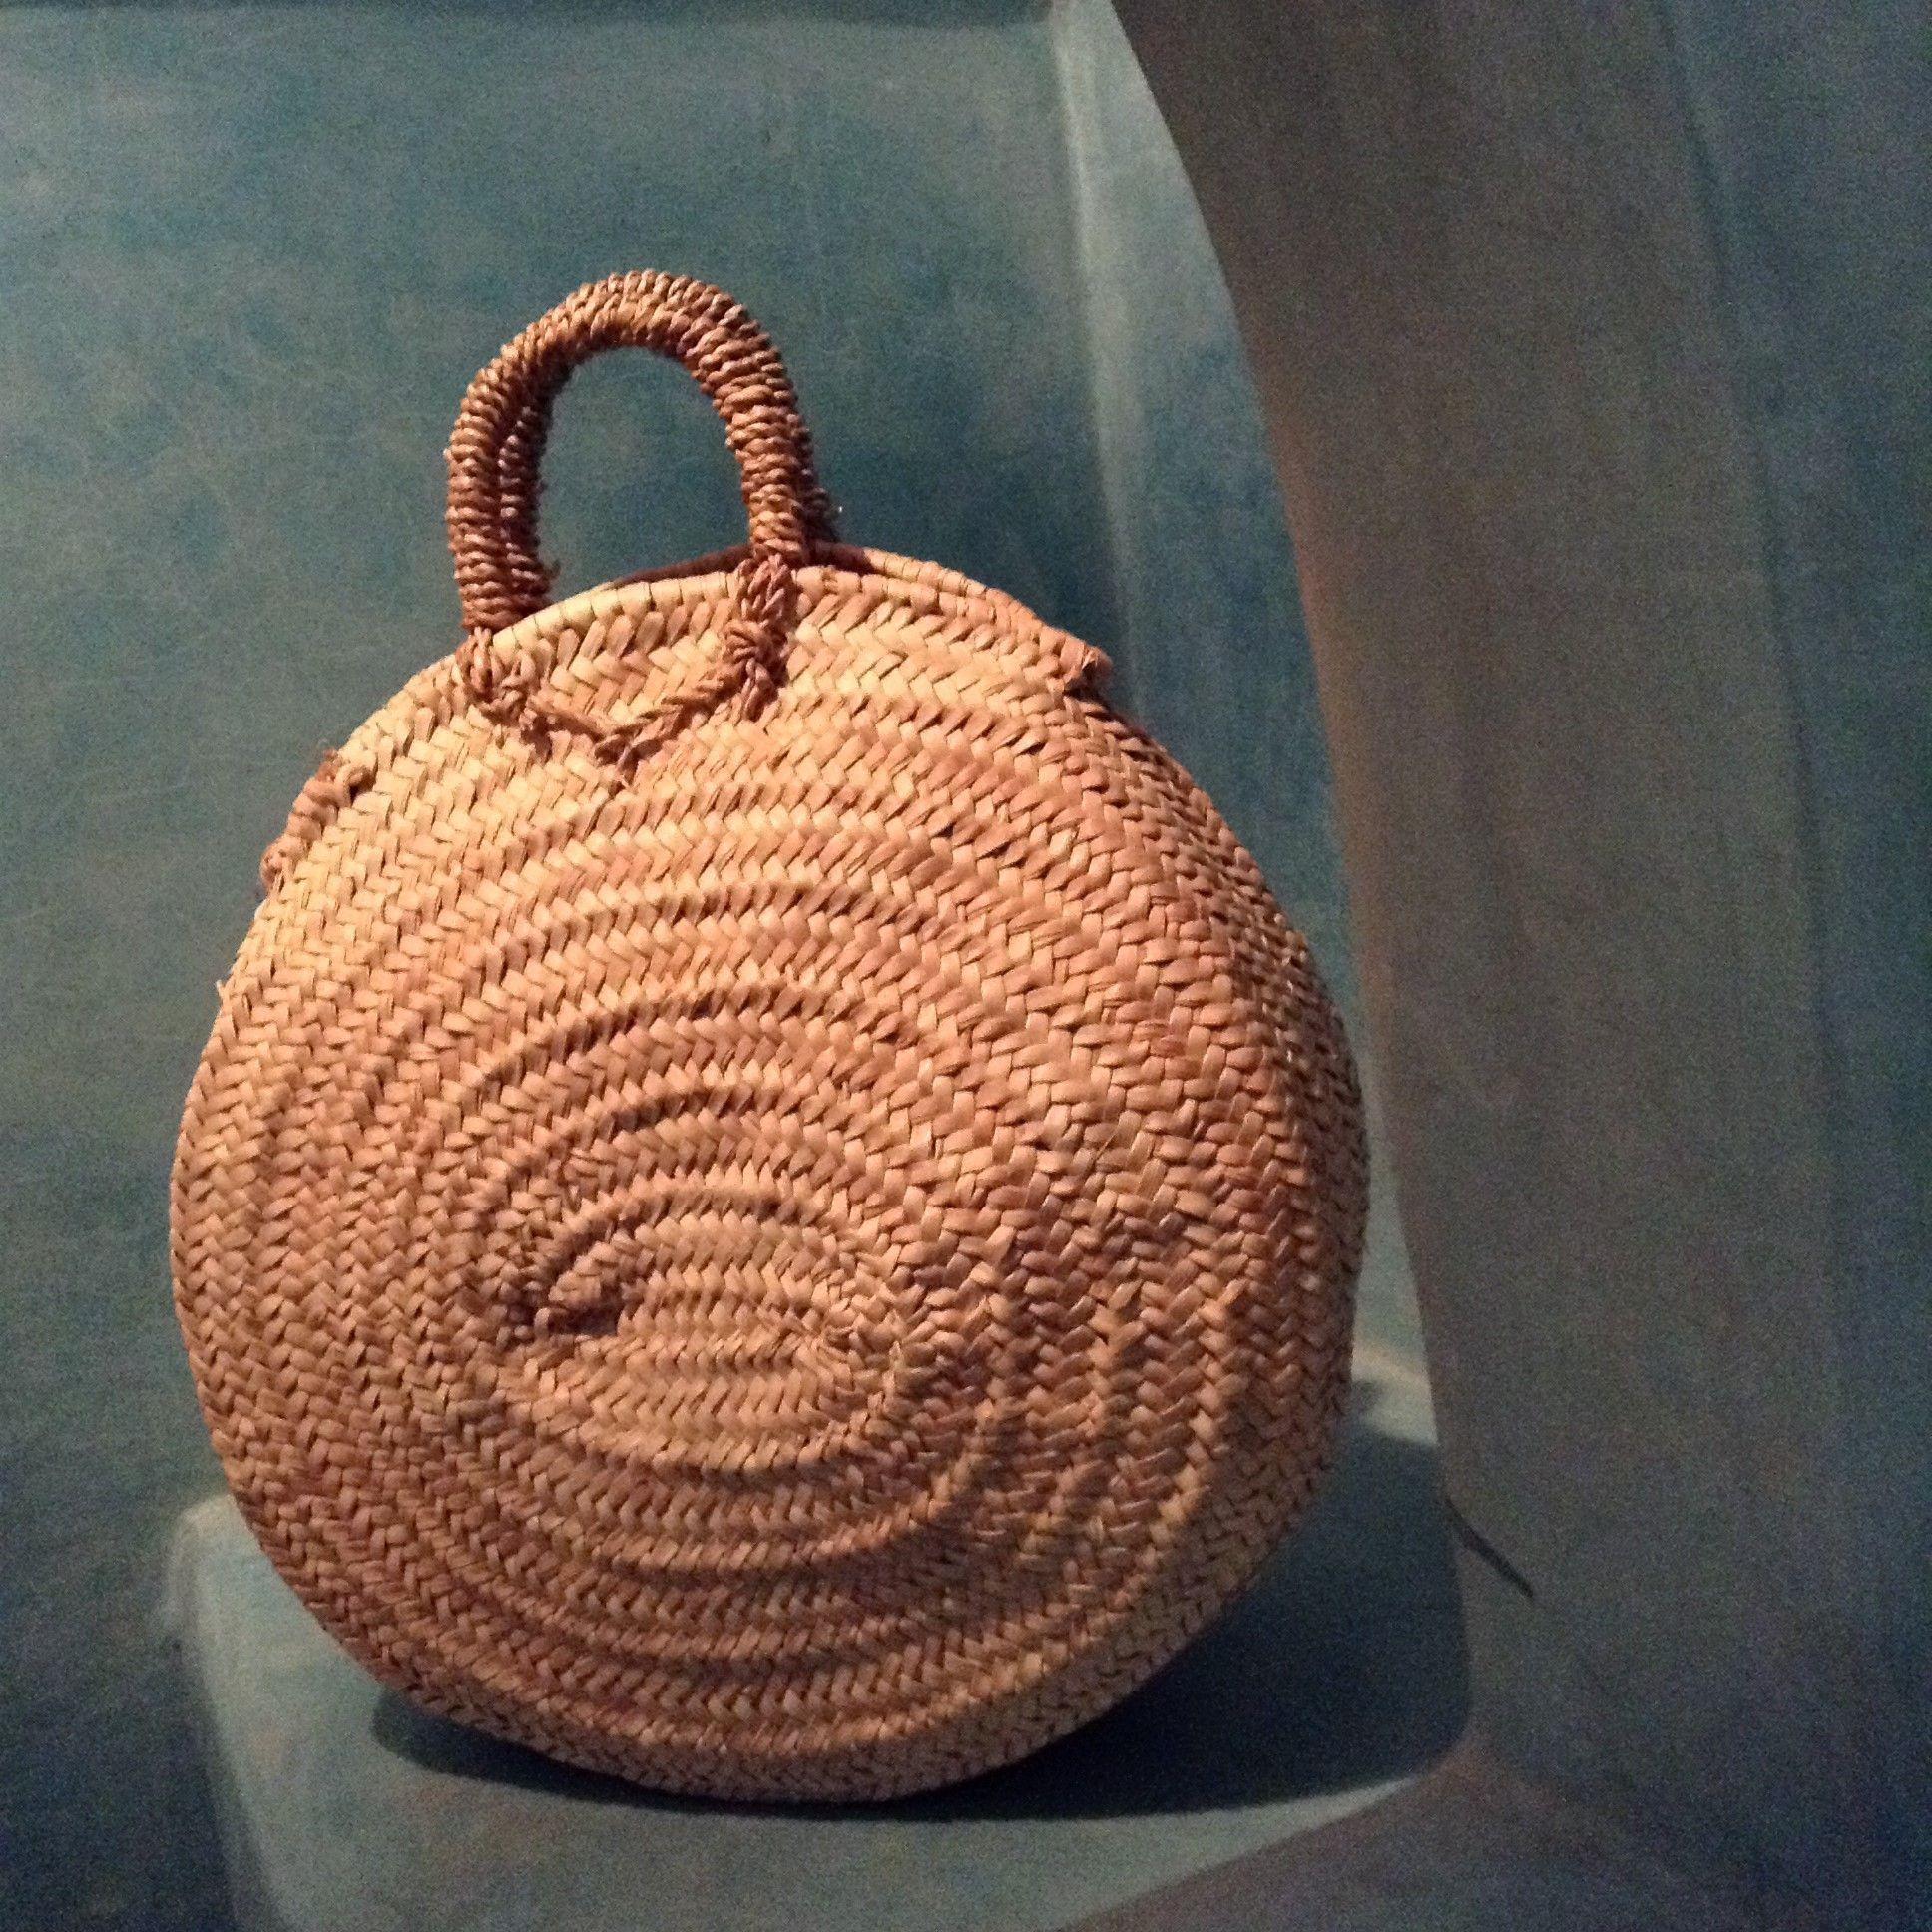 Panier ethnique - LA FIBULE - Artisanat d'art marocain depuis plus de 25 ans - Besançon.